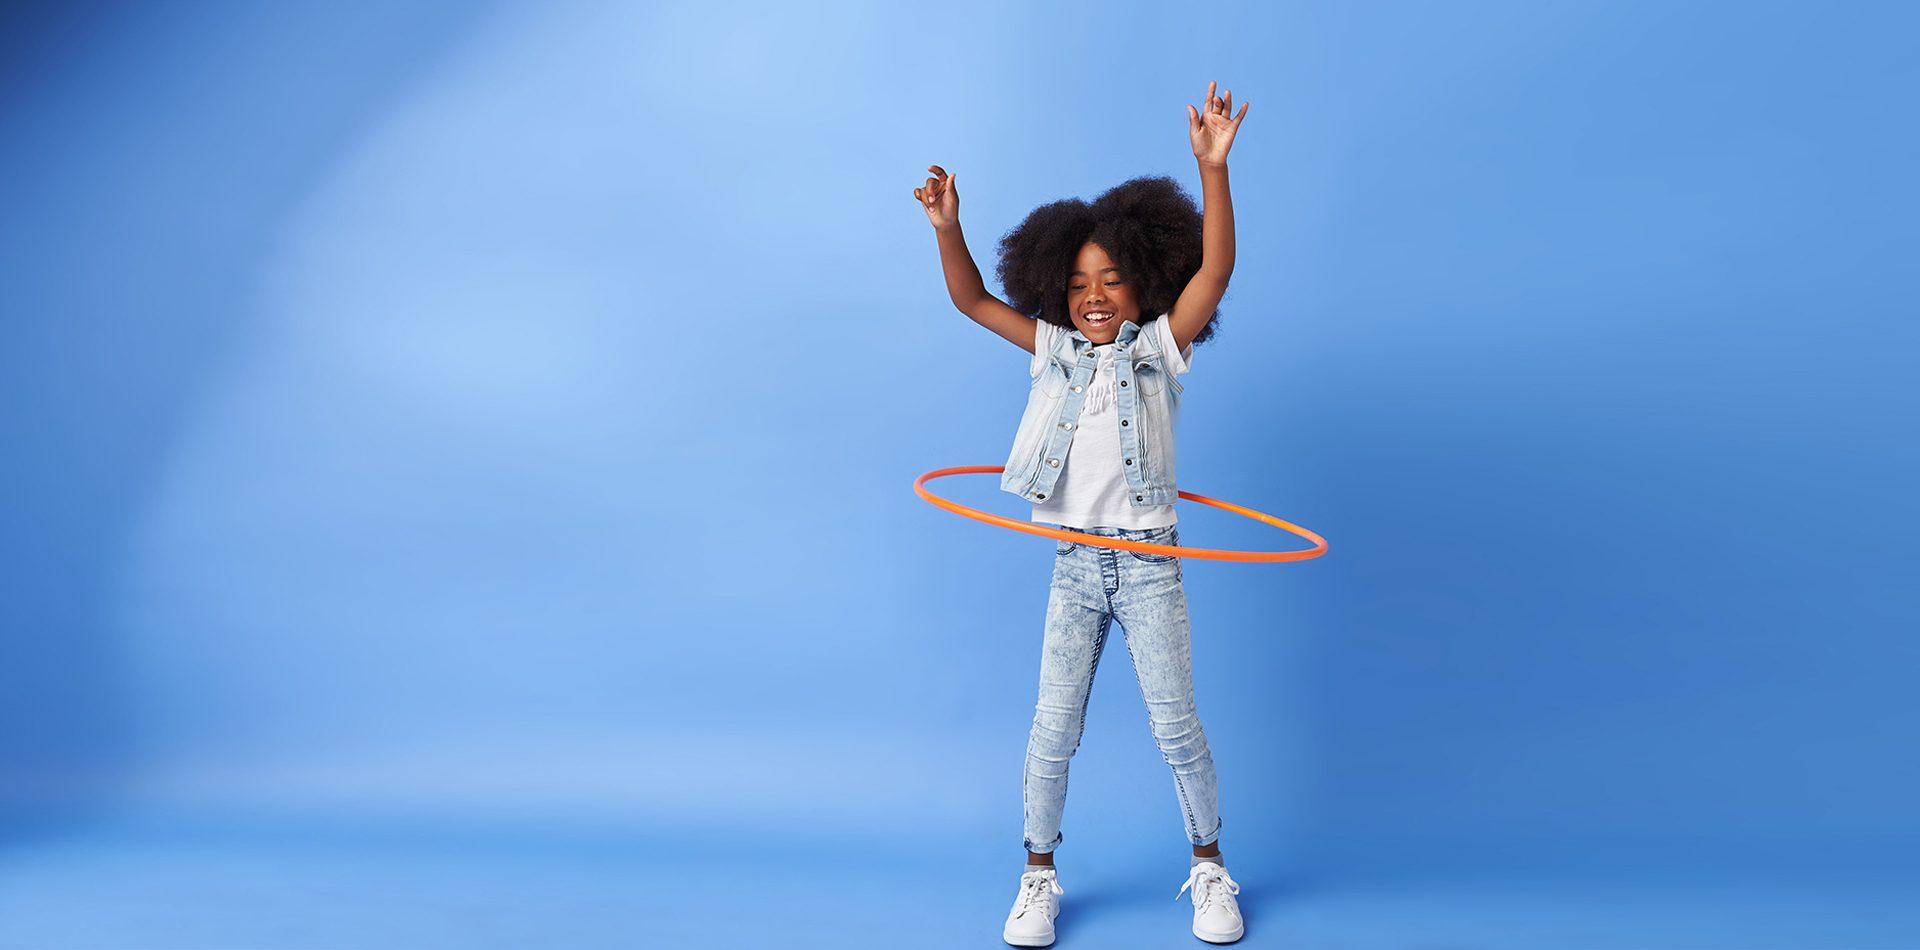 Sydney Child Model